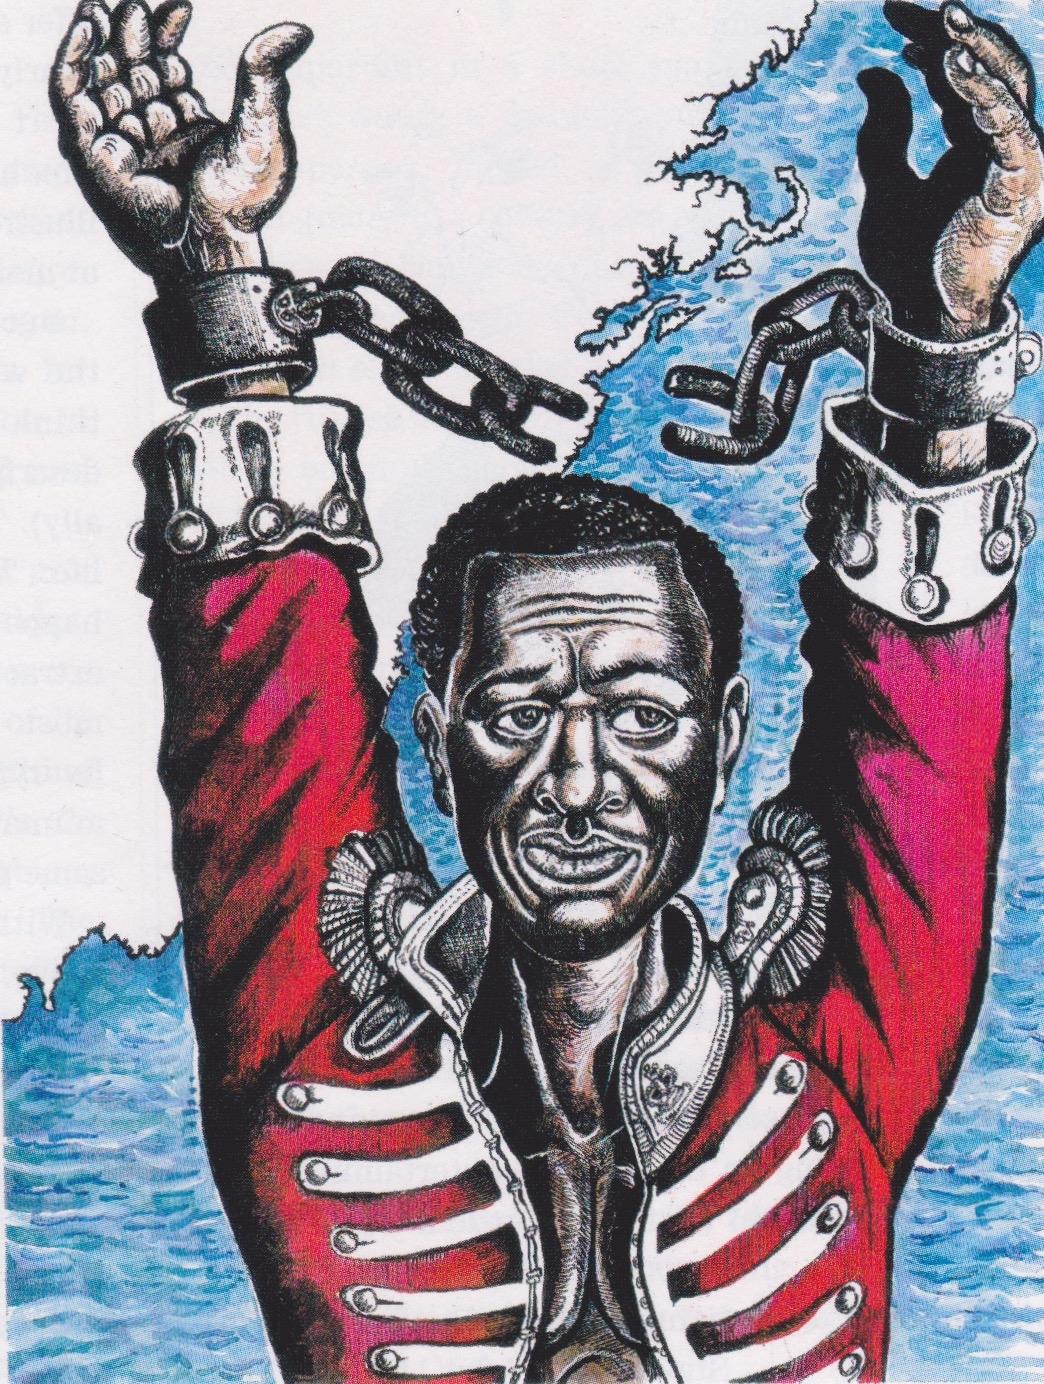 Chris Price FT slave.jpg